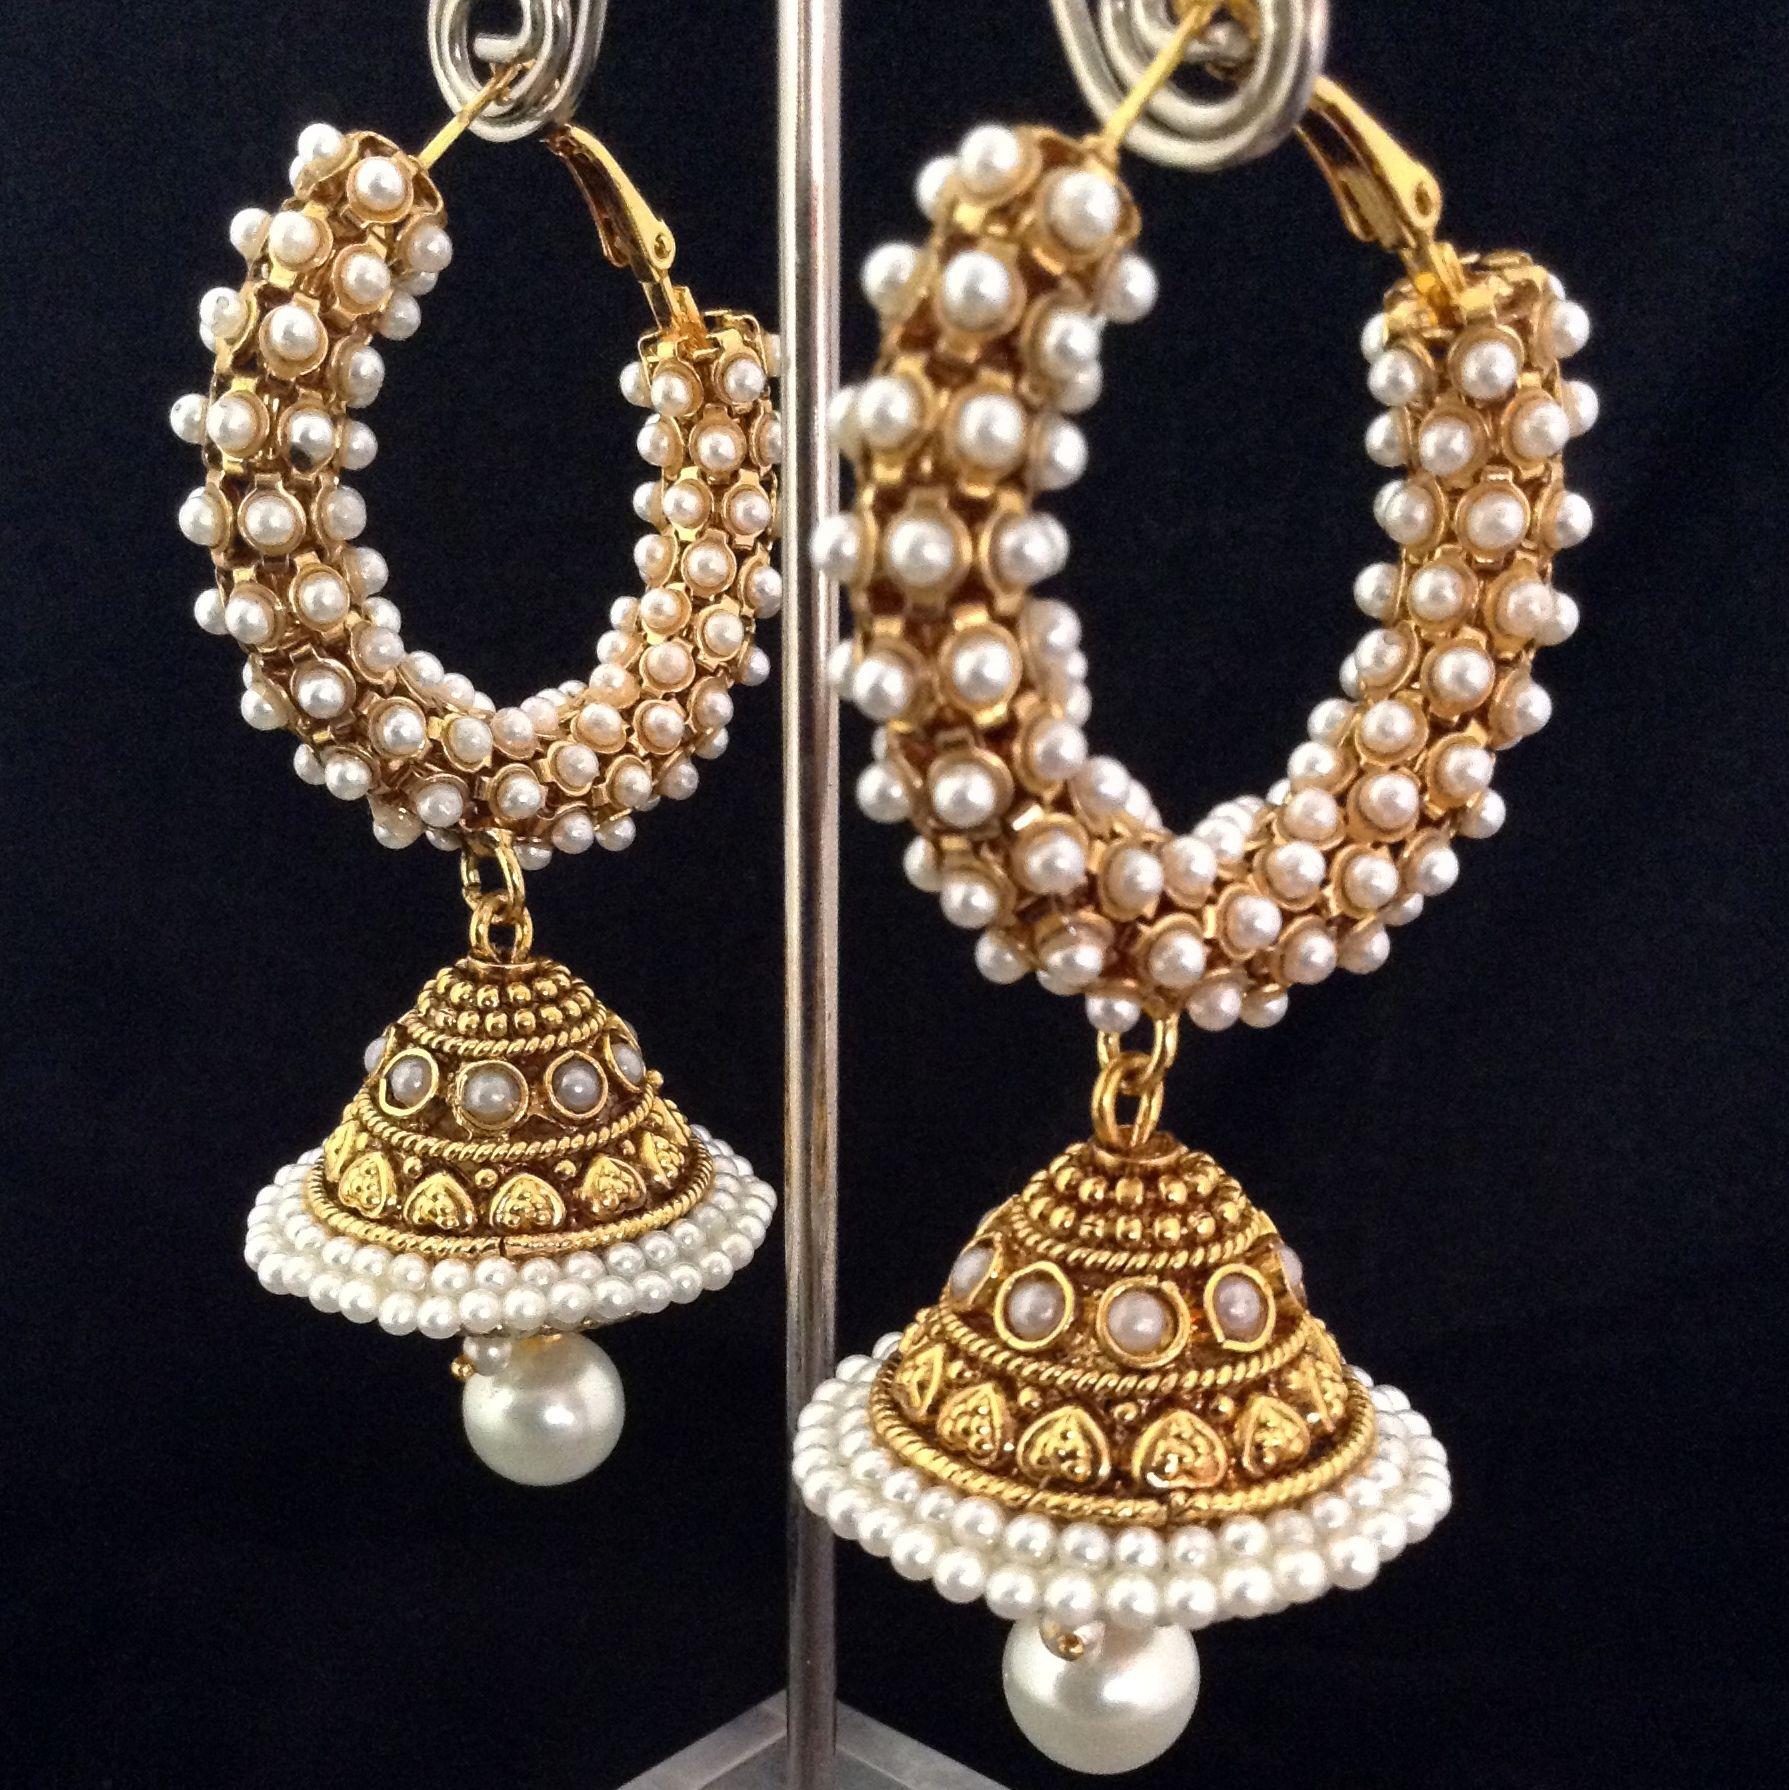 hoop earrings | Luxurious Fashion Jewelry | Pinterest | Pearls ...